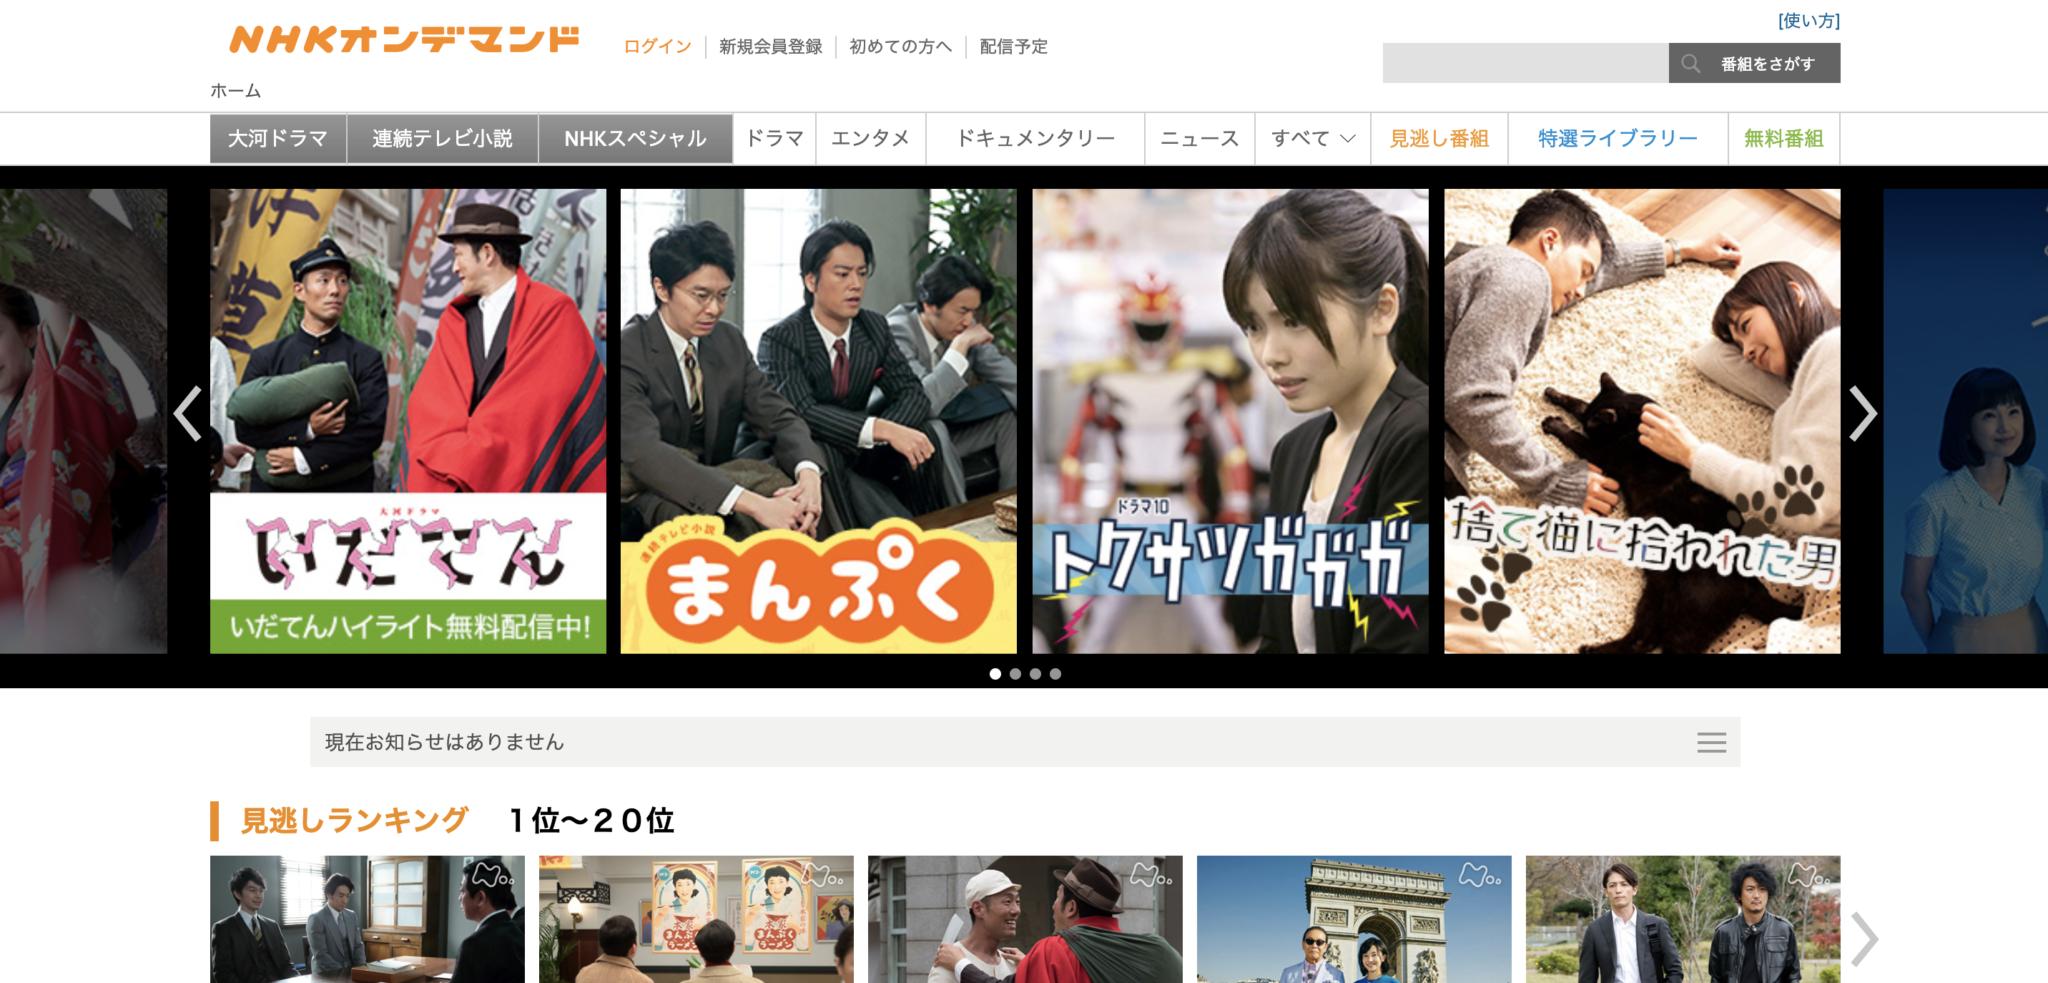 NHKオンデマンドのトップページ